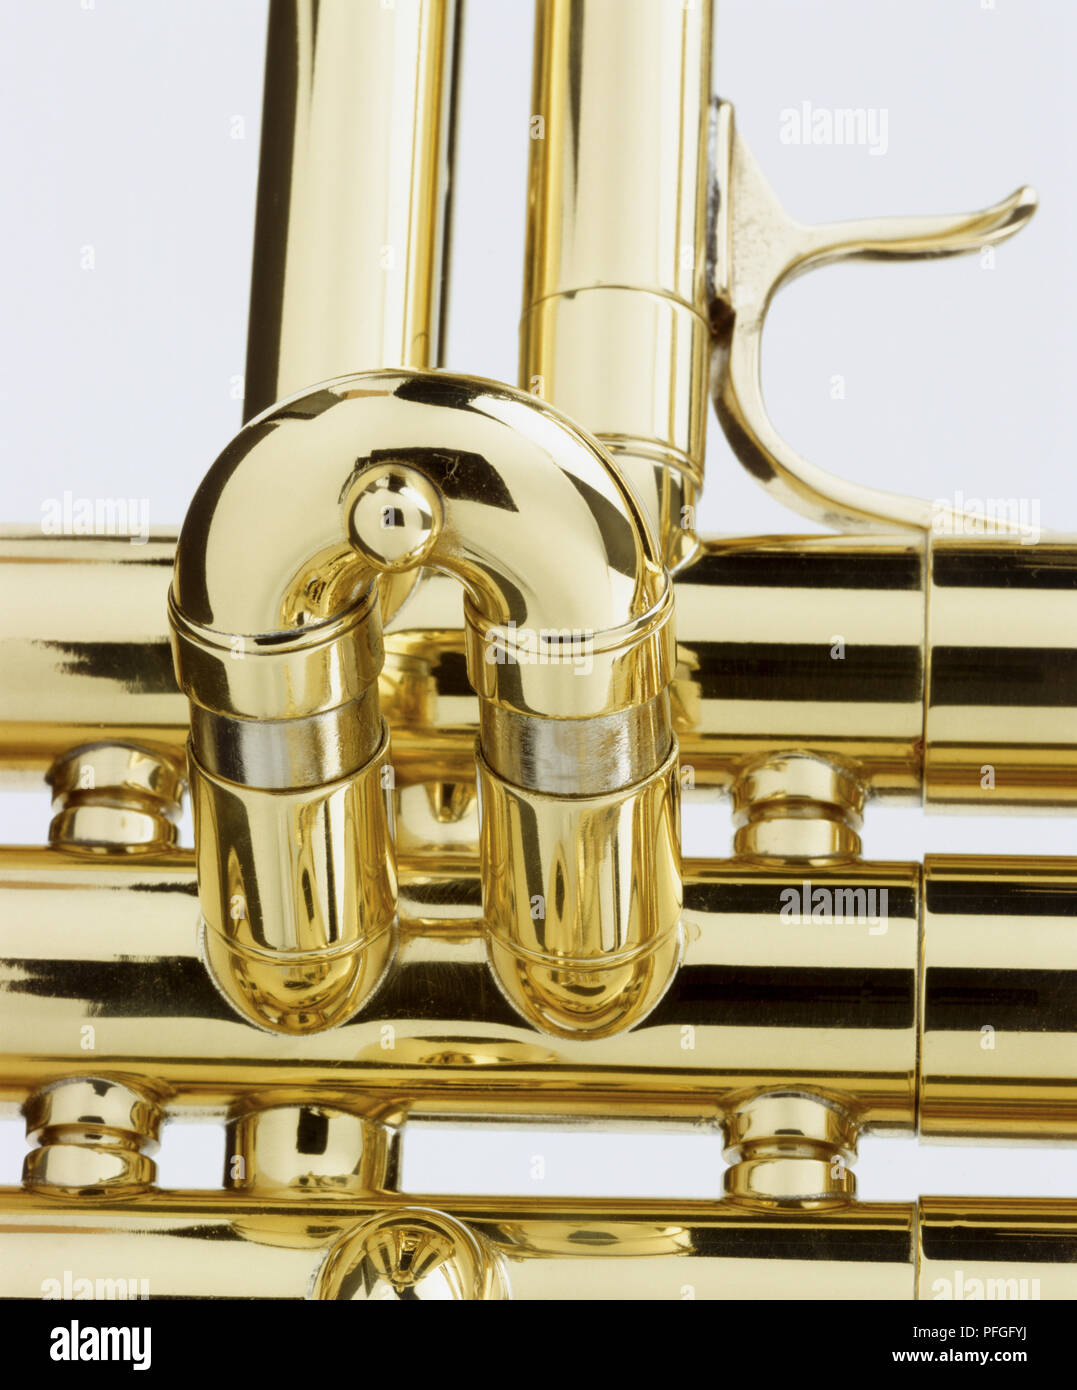 Flat Trumpet Stock Photos & Flat Trumpet Stock Images - Alamy